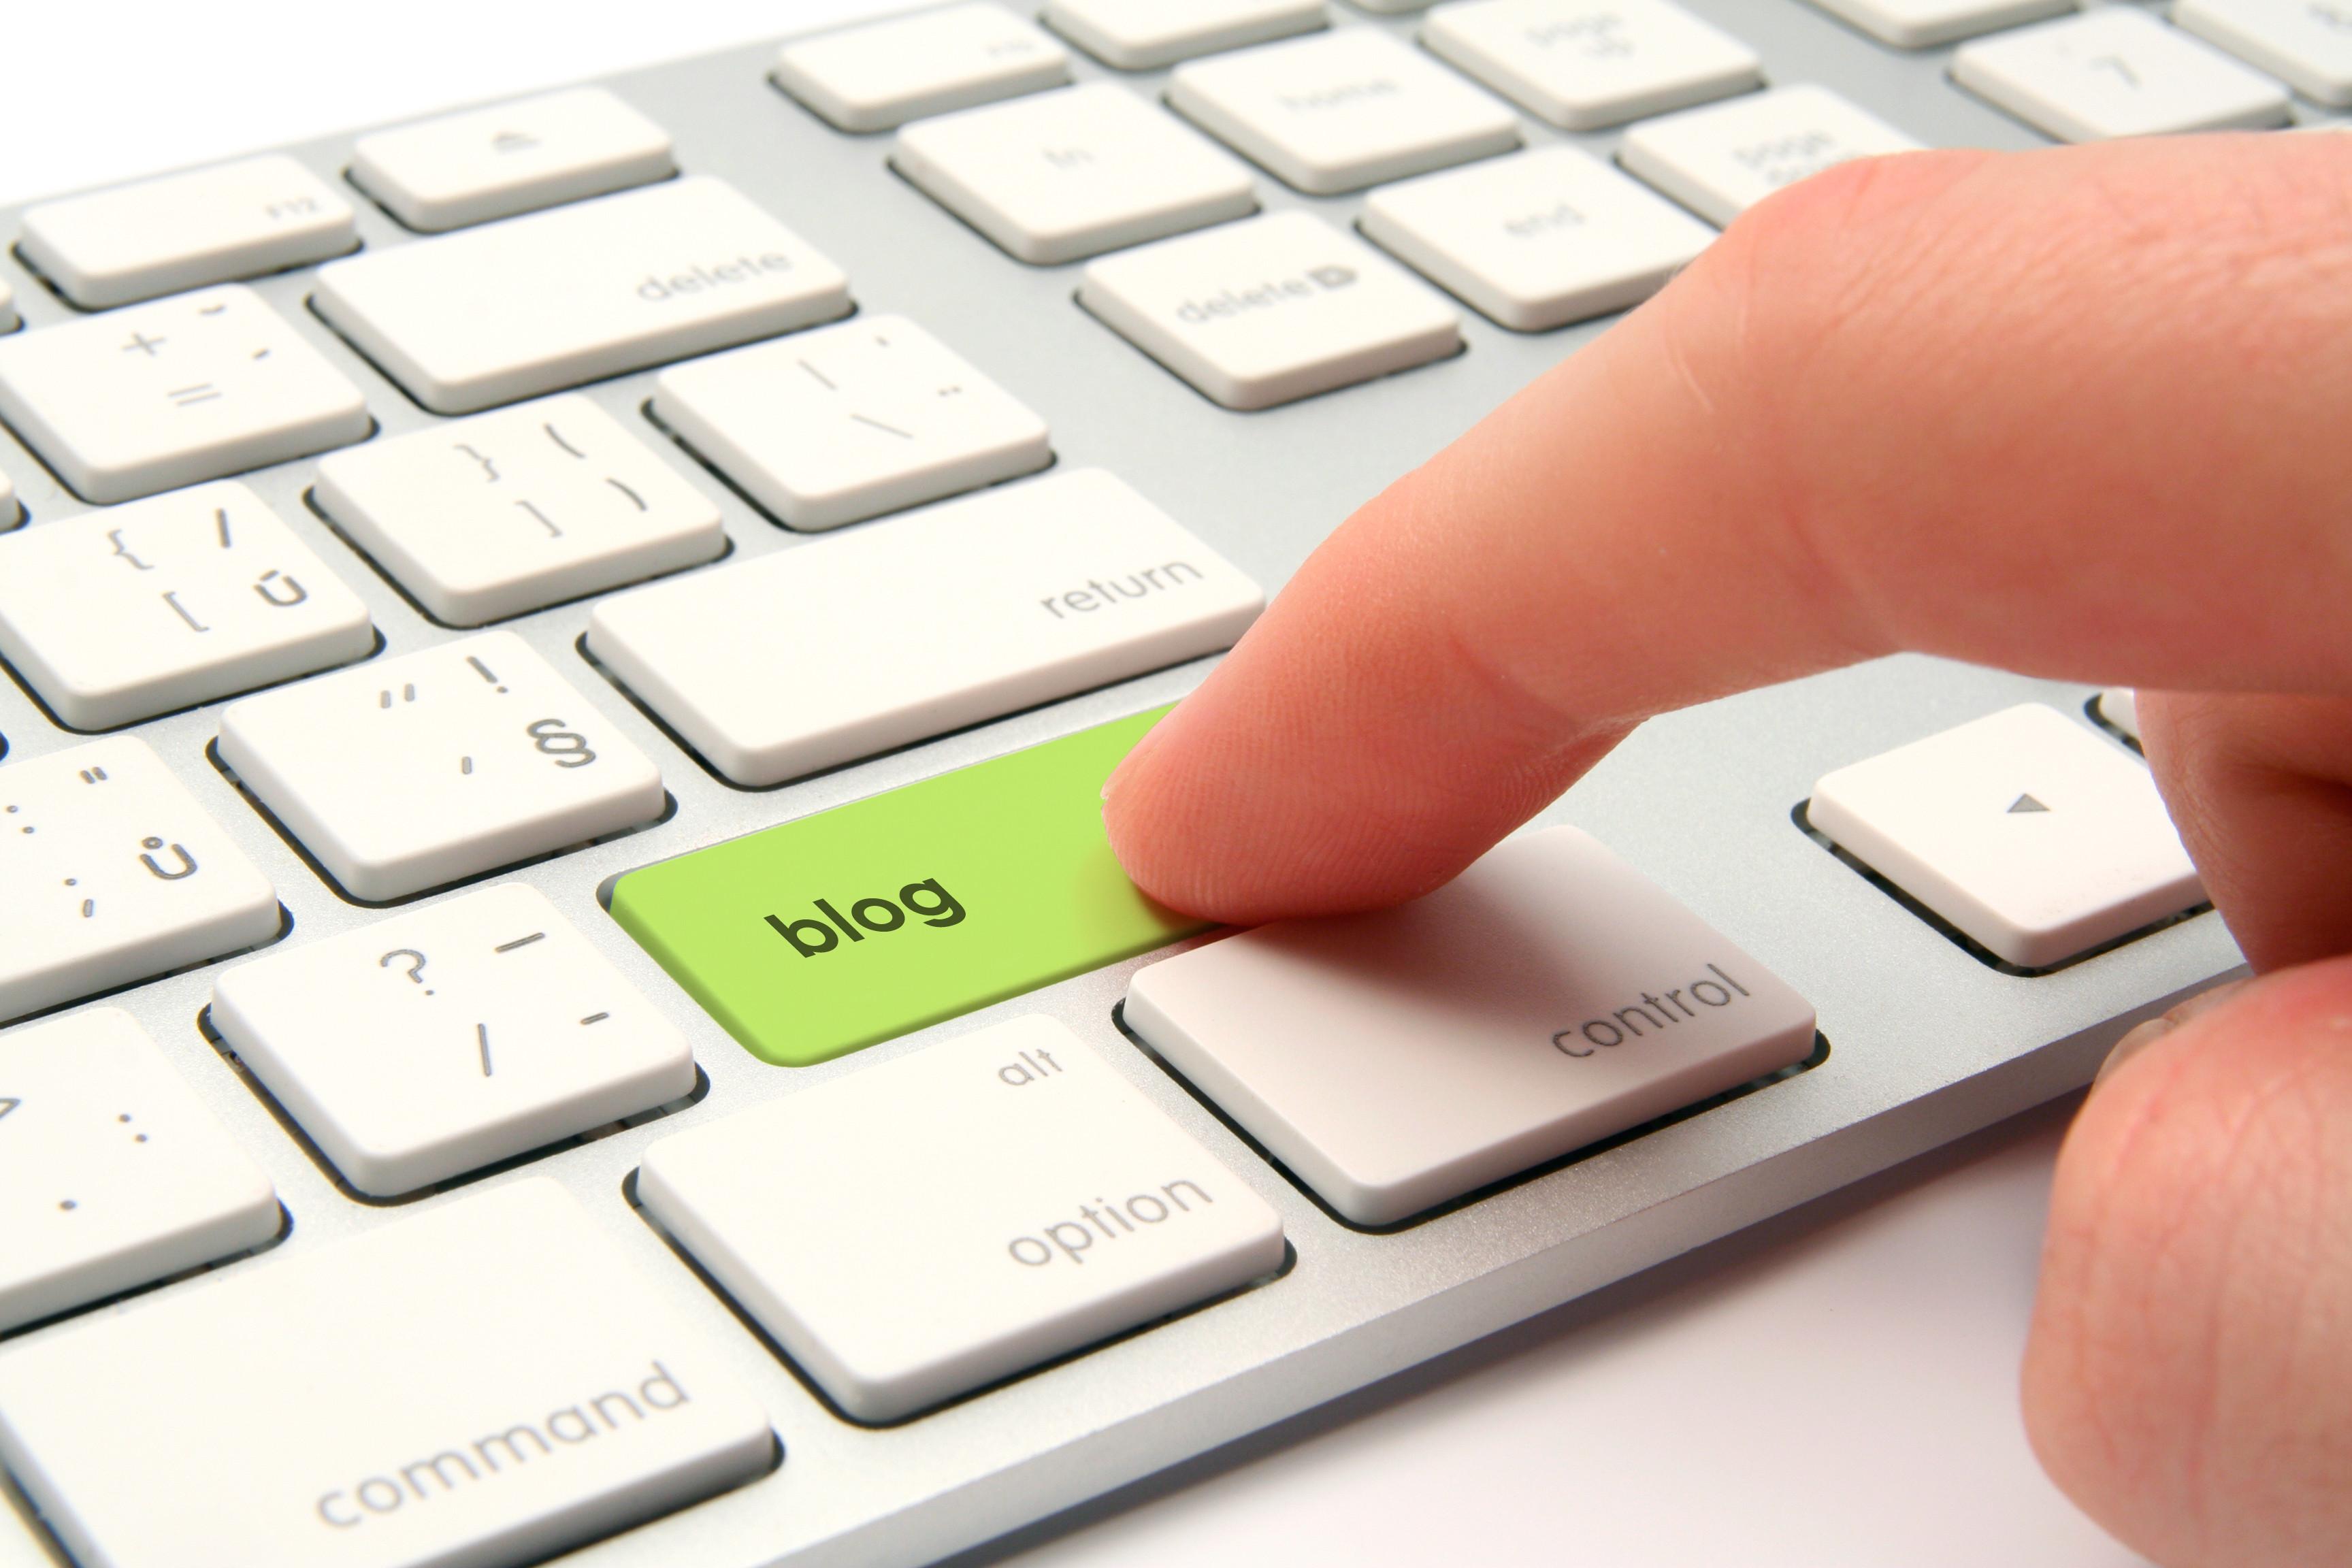 doigt cliquant sur un clavier où il est écrit blogue